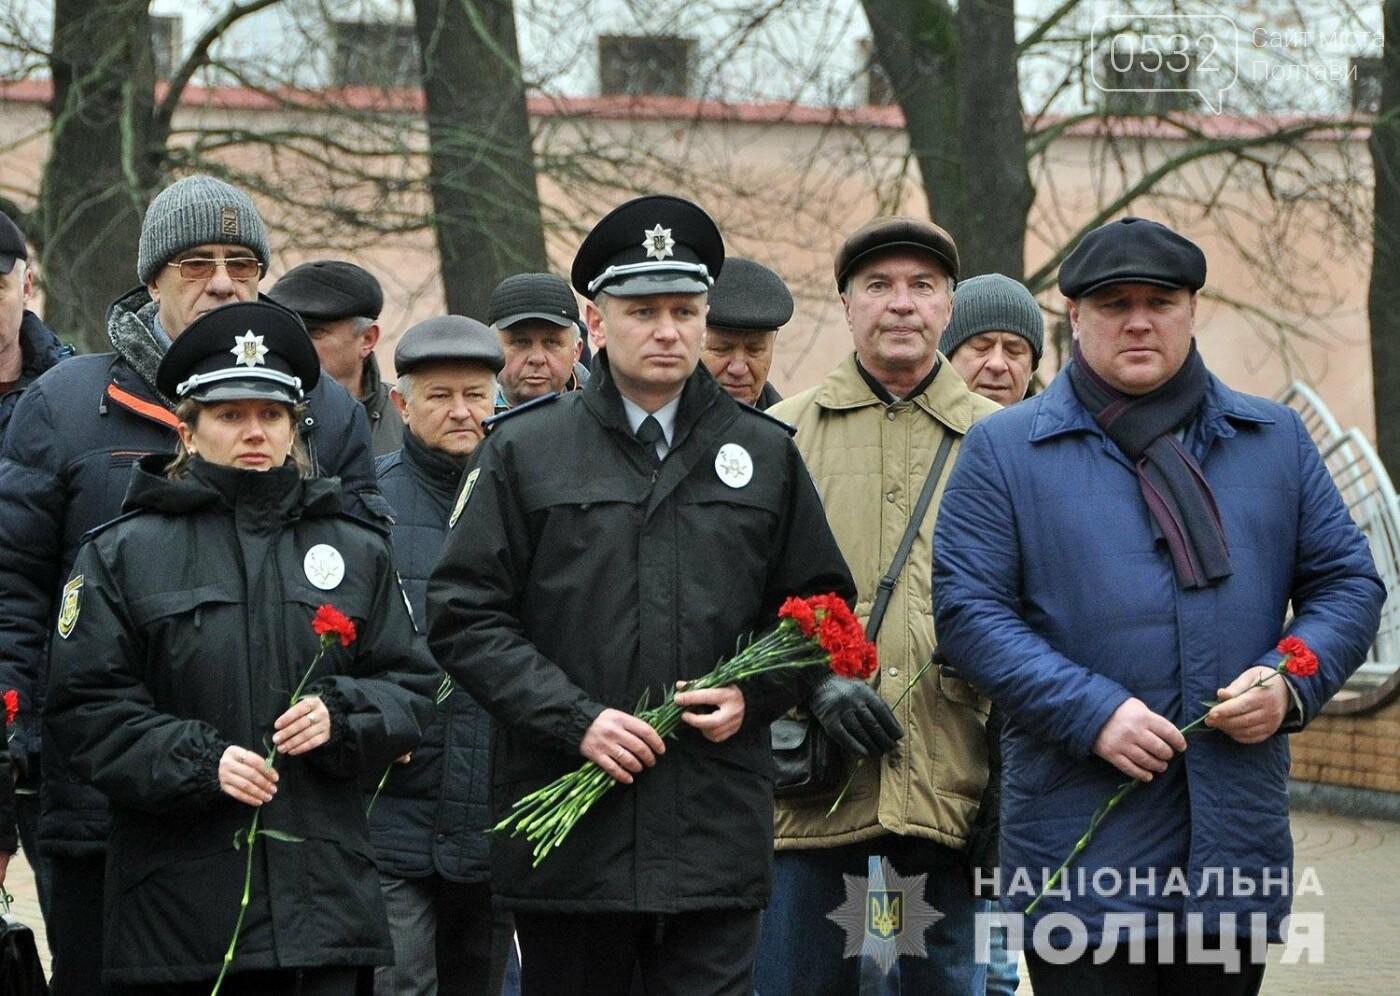 Поліція Полтавщини вшанувала пам'ять учасників ліквідації наслідків аварії на ЧАЕС, фото-2